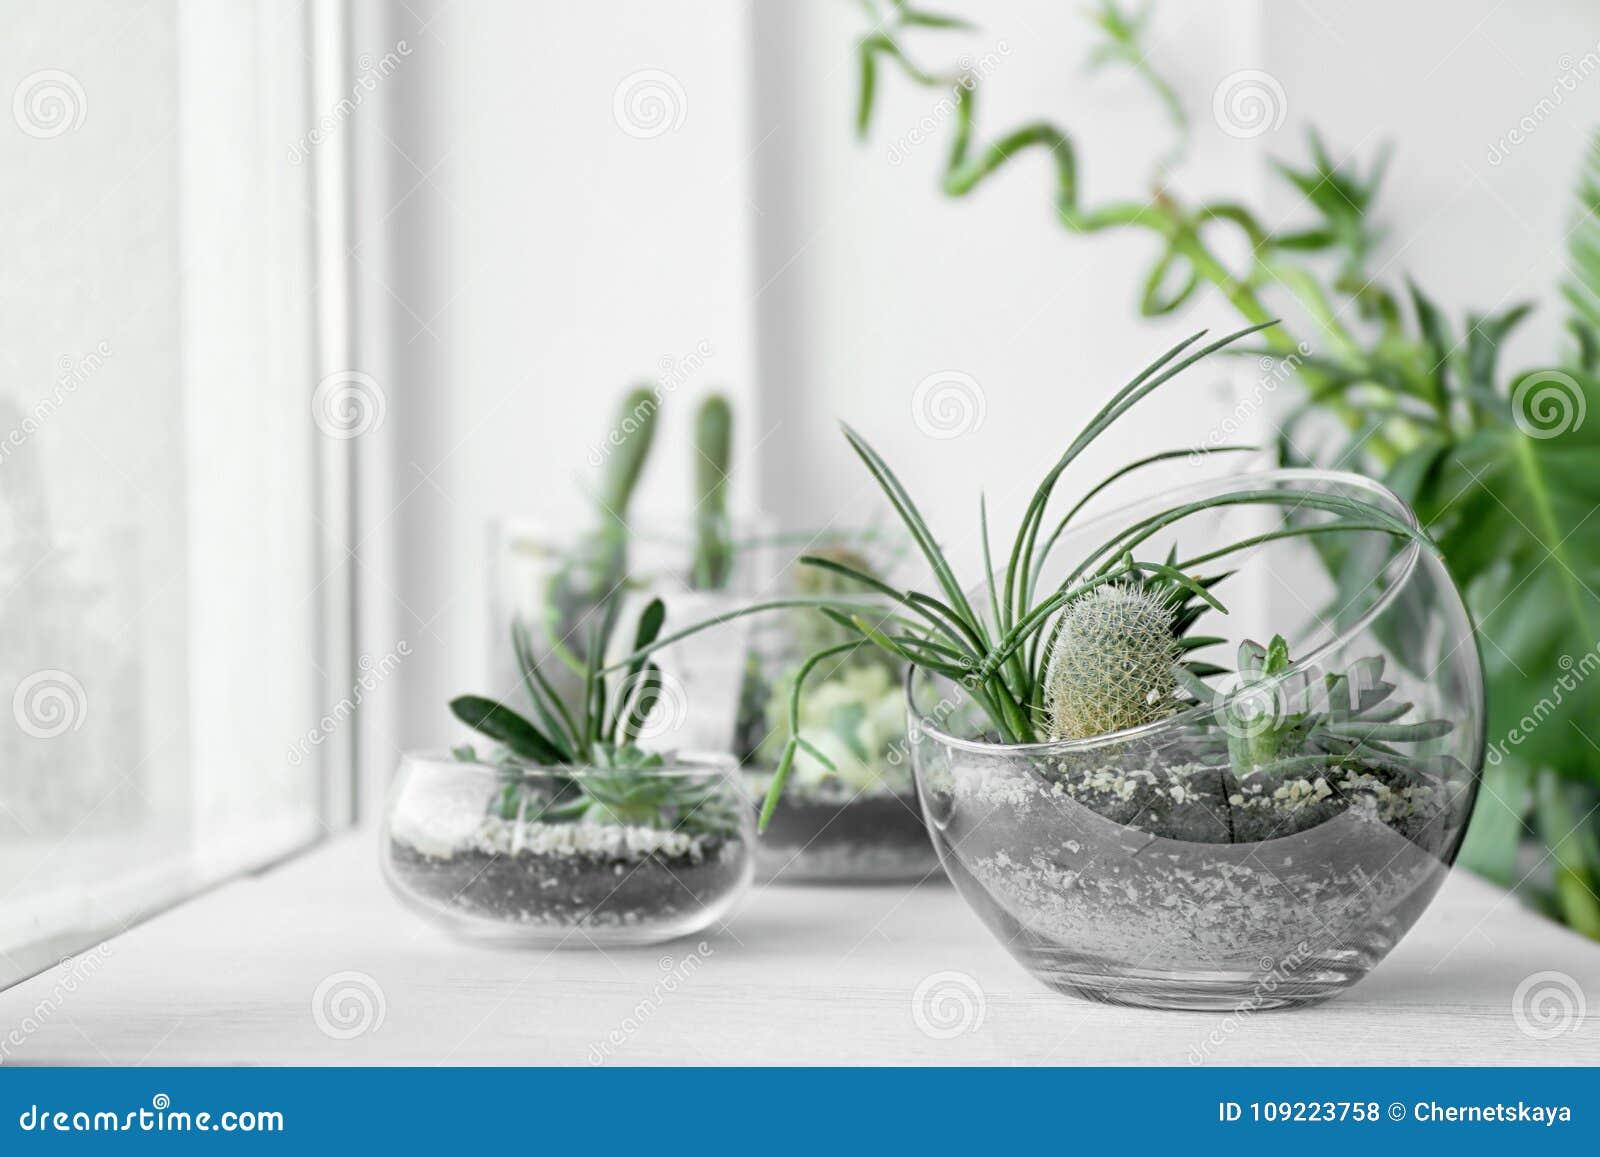 Mini jardín suculento en el terrario de cristal